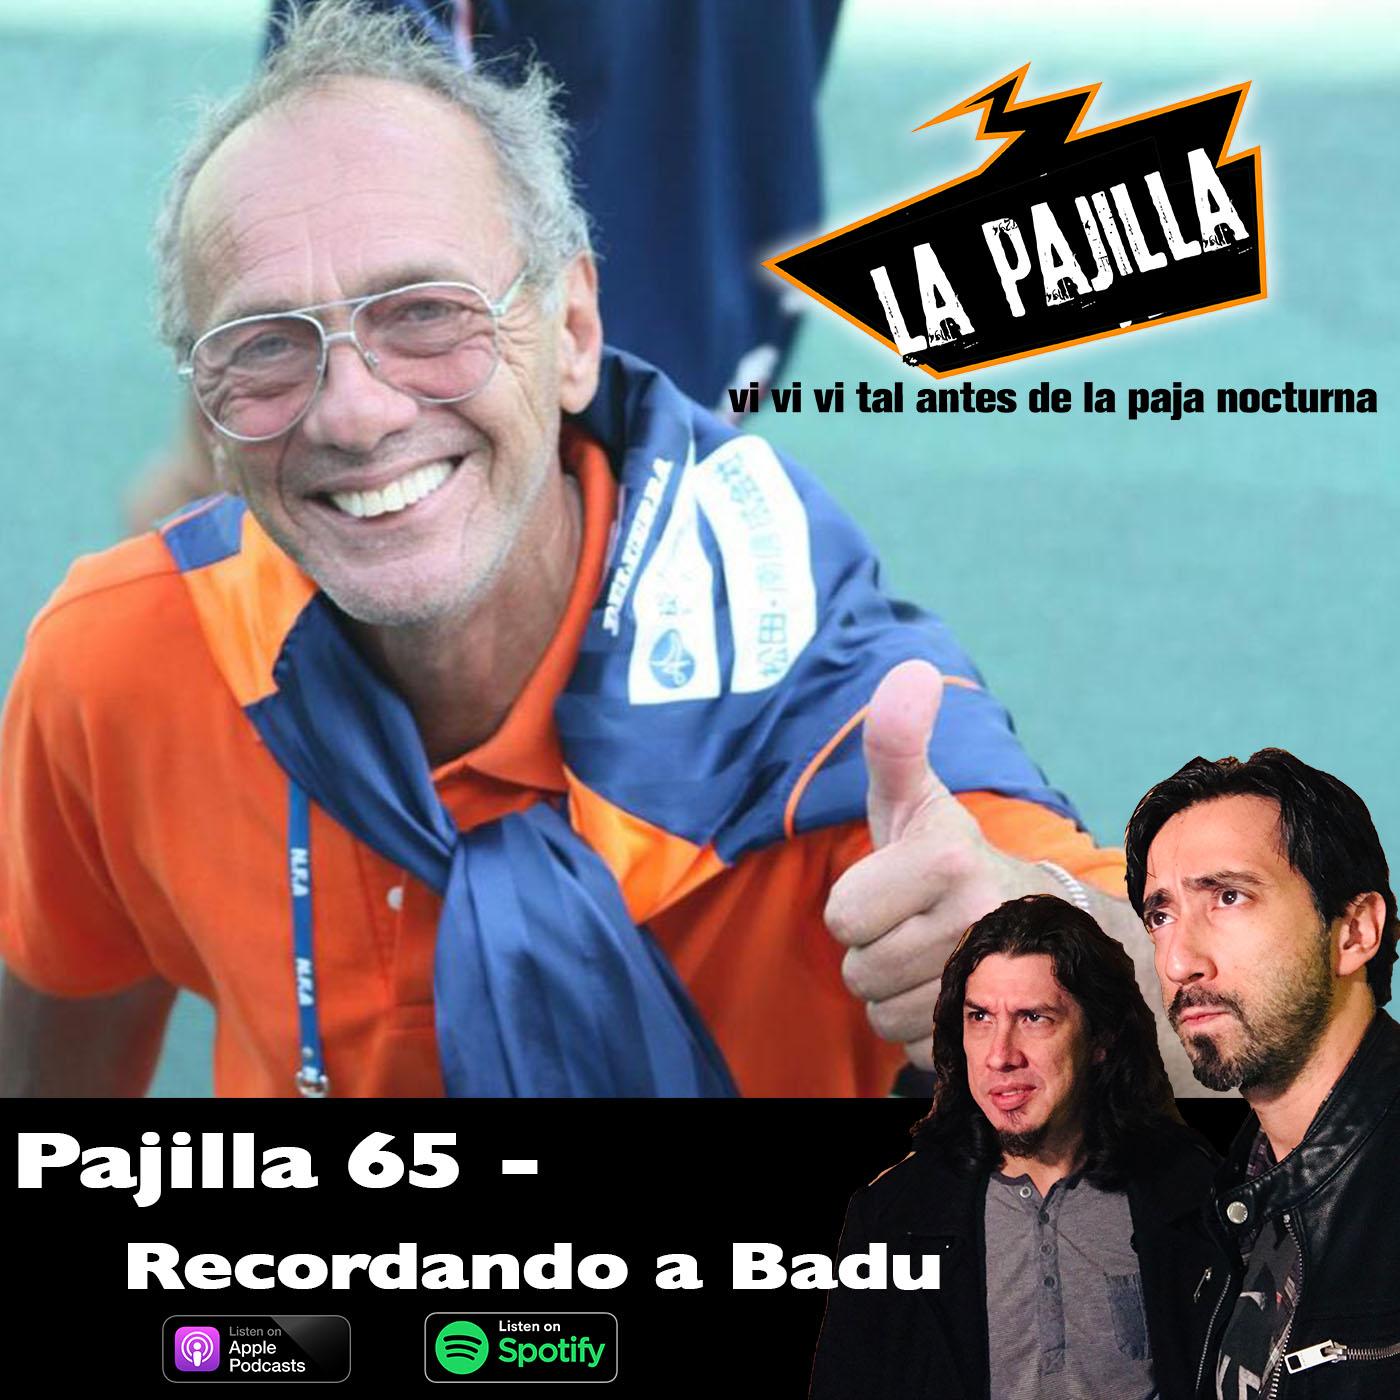 La Paja Nocturna Podcast CR Pajilla 65